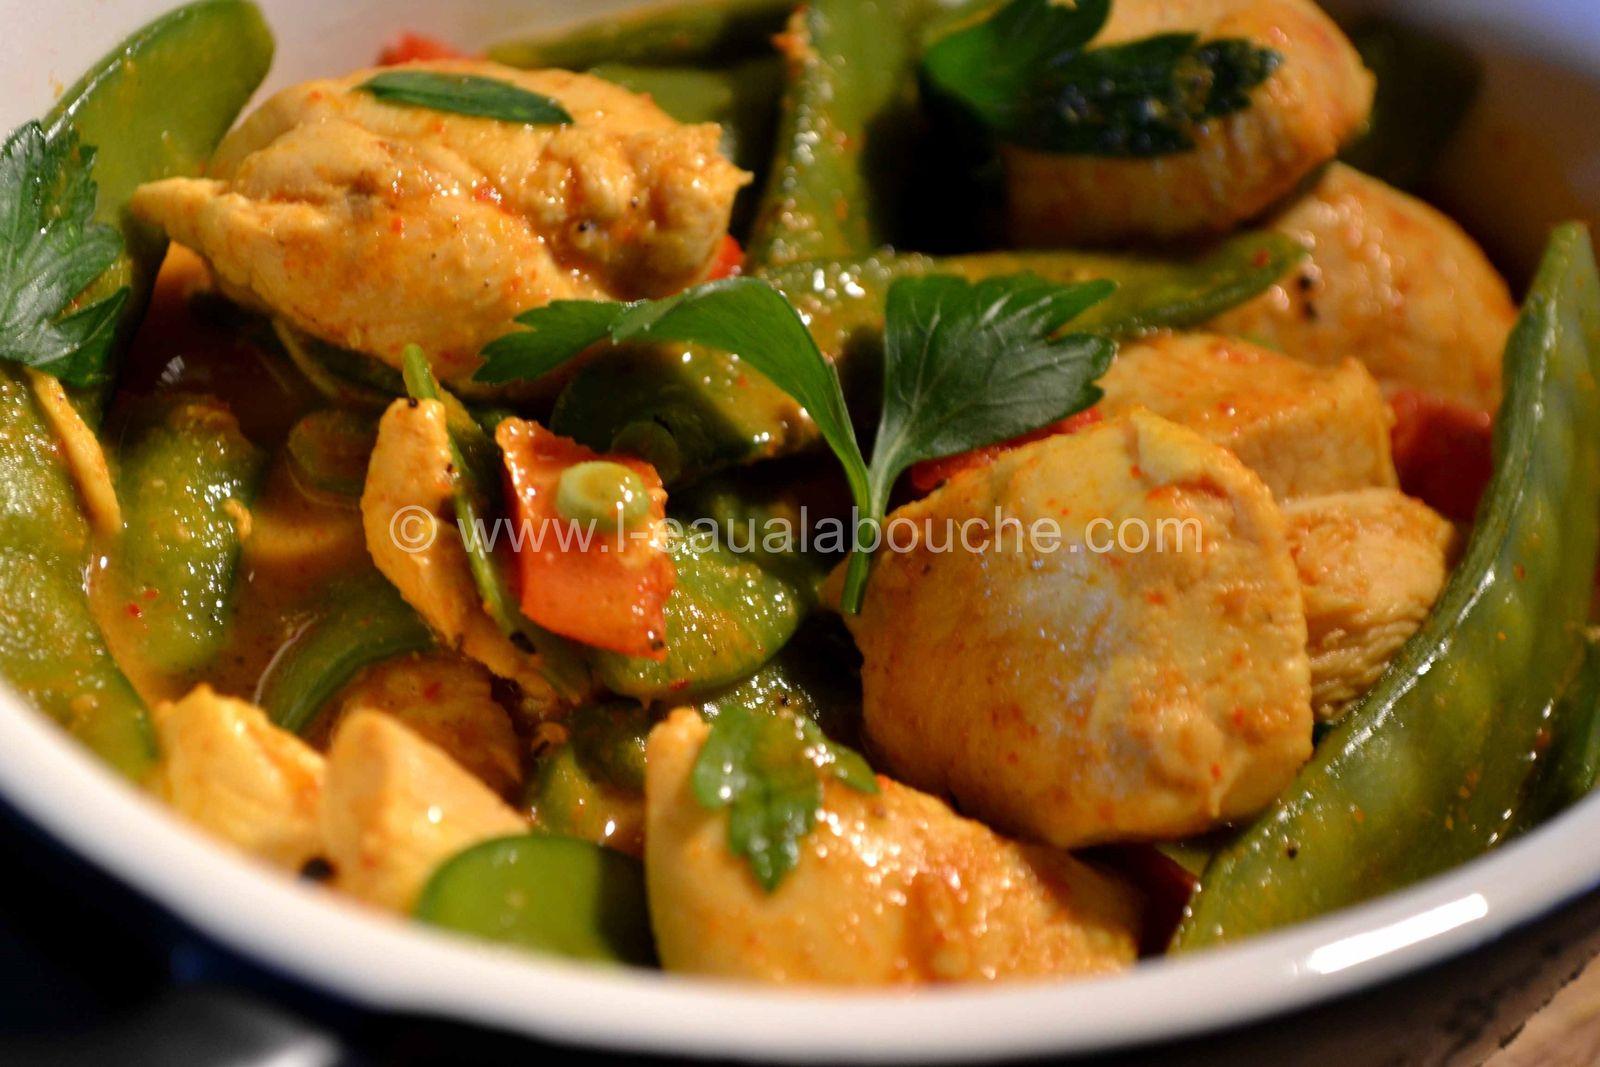 Cassolette de Poulet au Curry Thaï